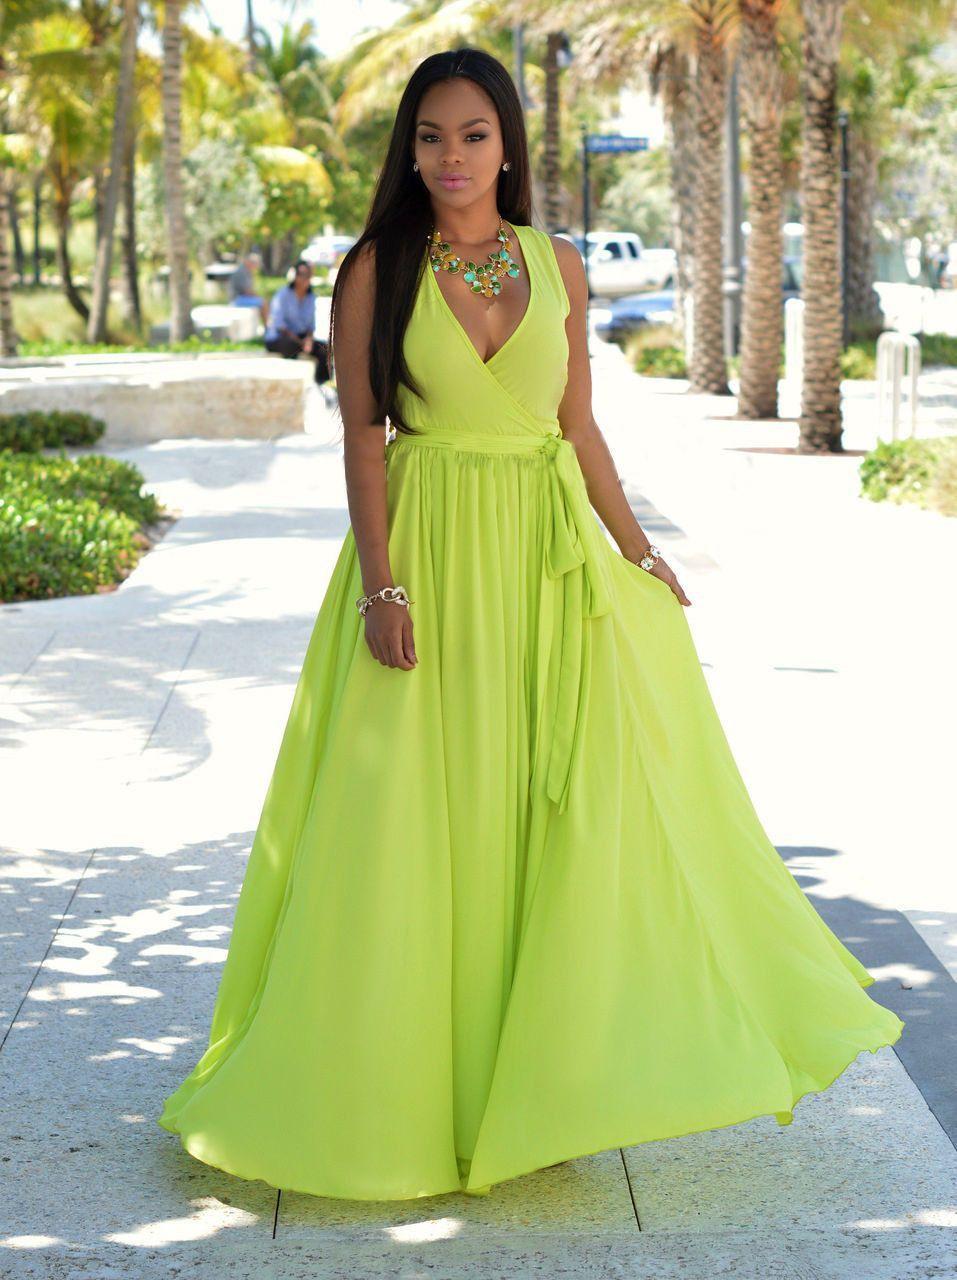 Green dress v neck  Chiffon Slim Slit Vneck Sleeveless Long Dress  Fashionista